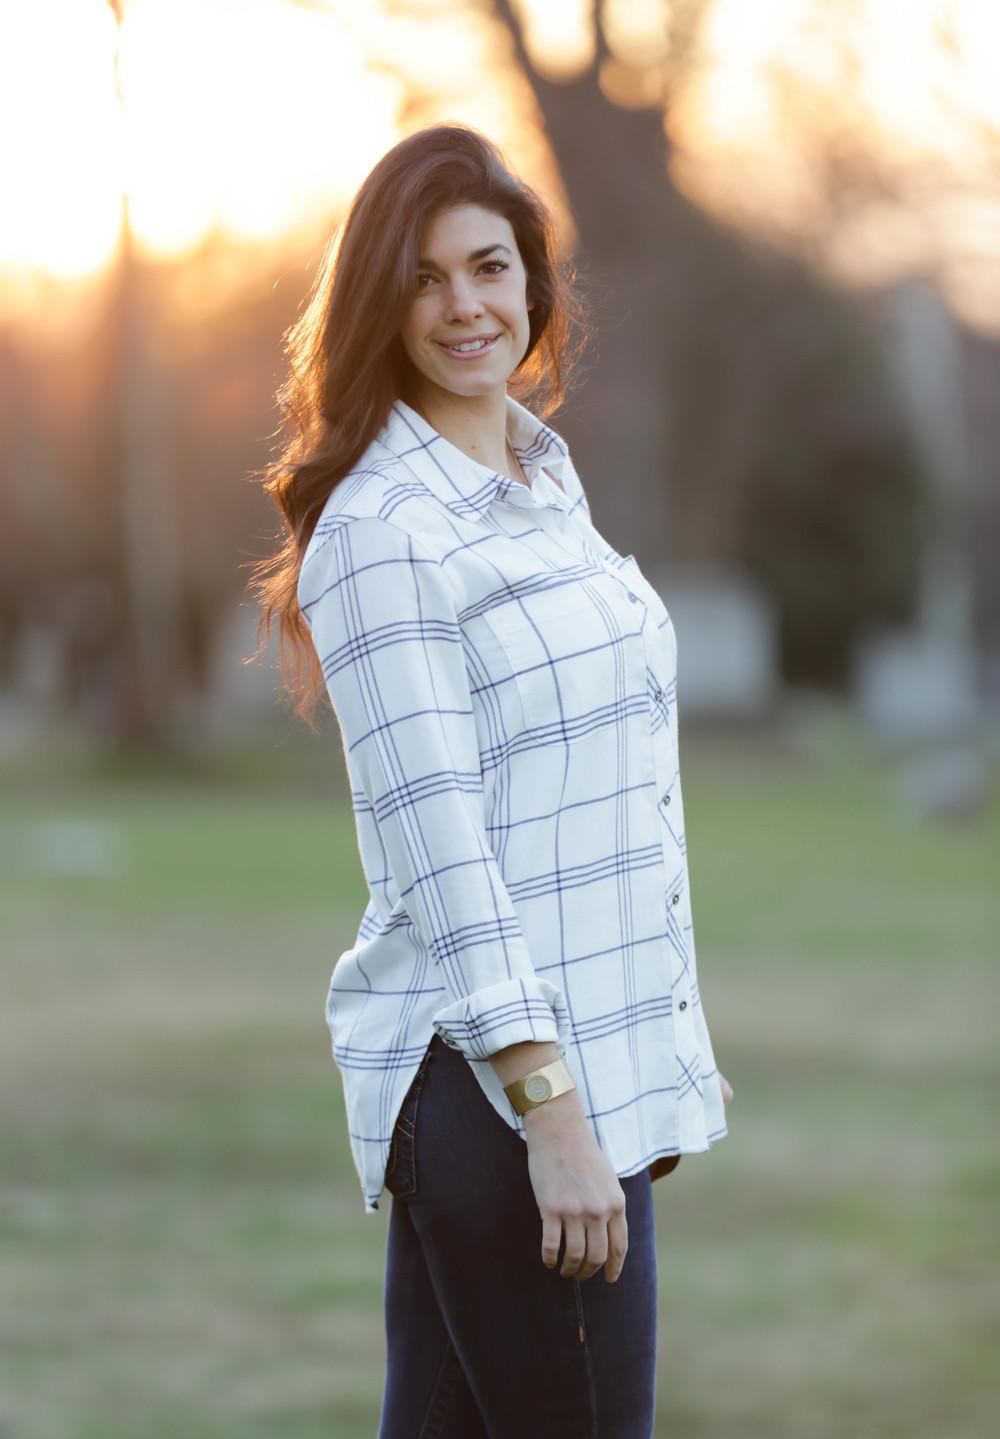 LaurenSchwaiger-Life-Style-Blog-Winter-Style-Athleta-White-Blue-Flannel.jpg